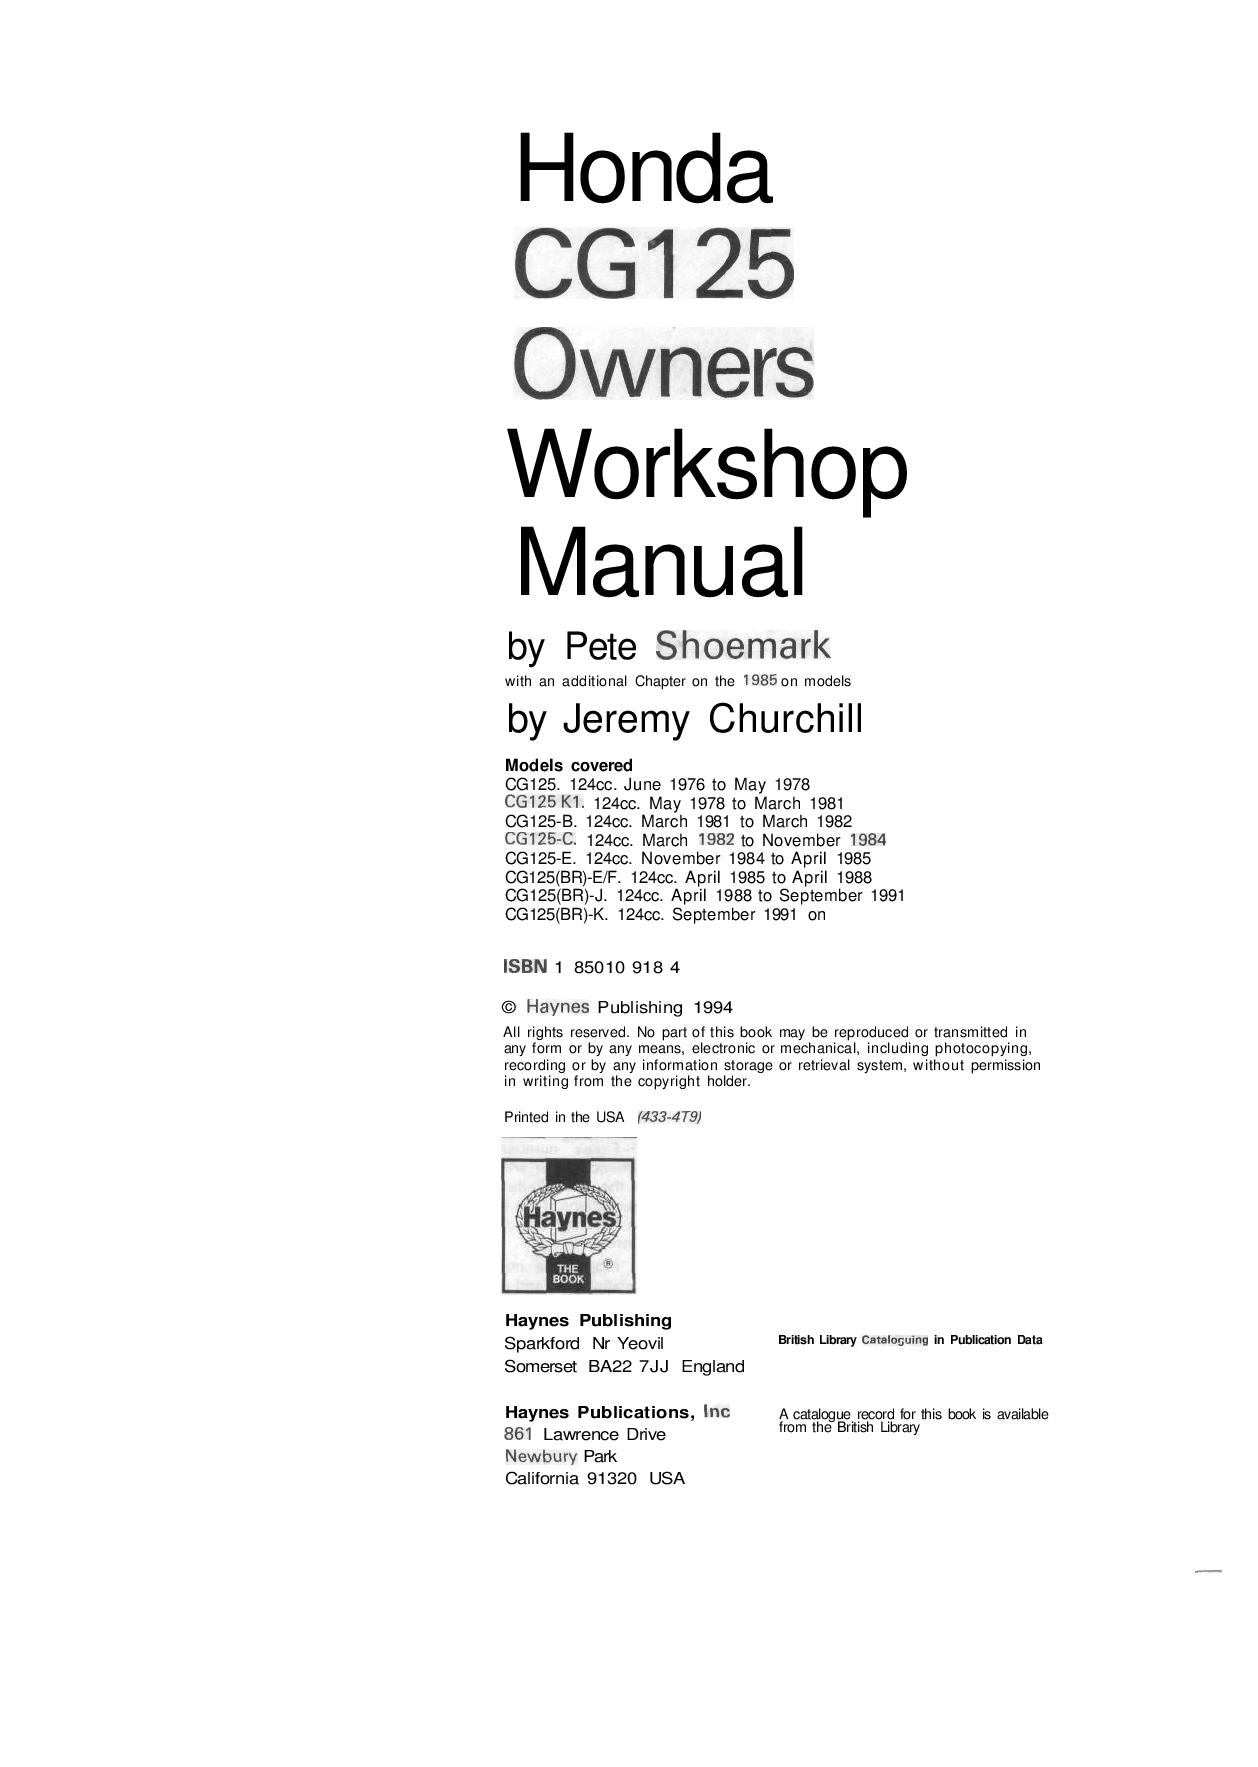 Honda CG 125 1976 1991 Repair Manual PDF Download